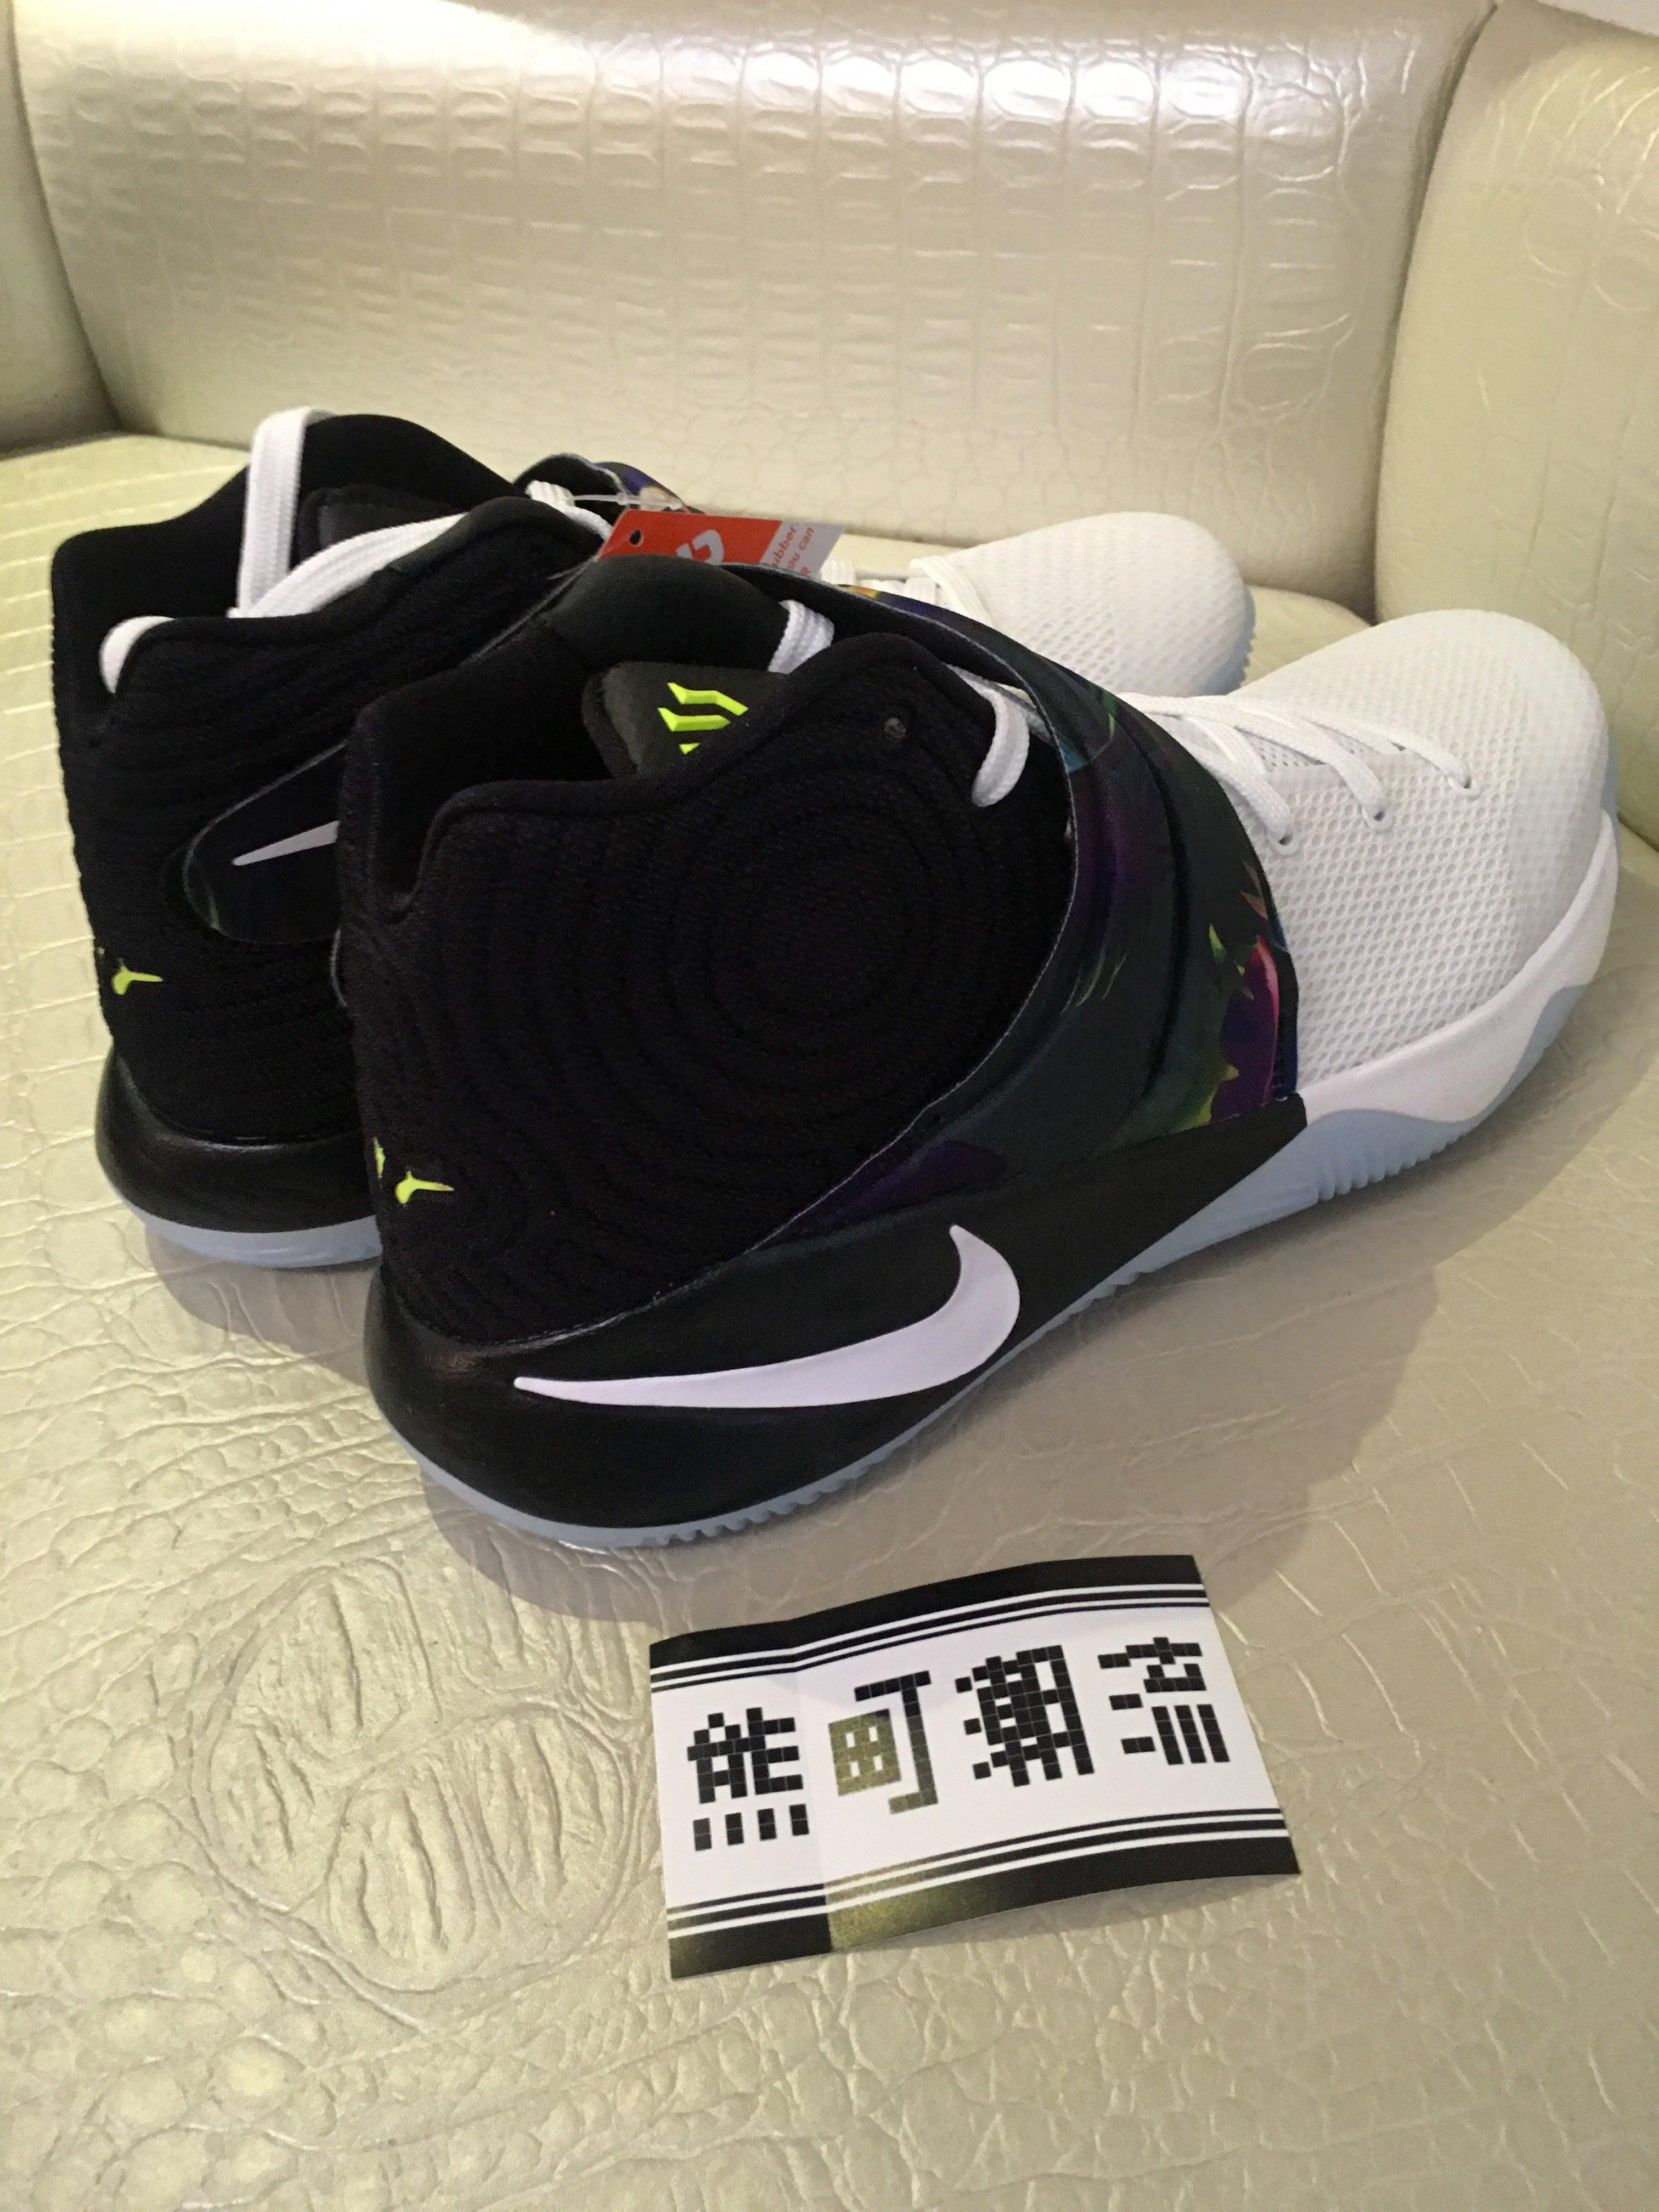 9.5 全新正品 NIKE KYRIE 2 EP Parade Irving 黑白 籃球鞋 水晶 820537-110